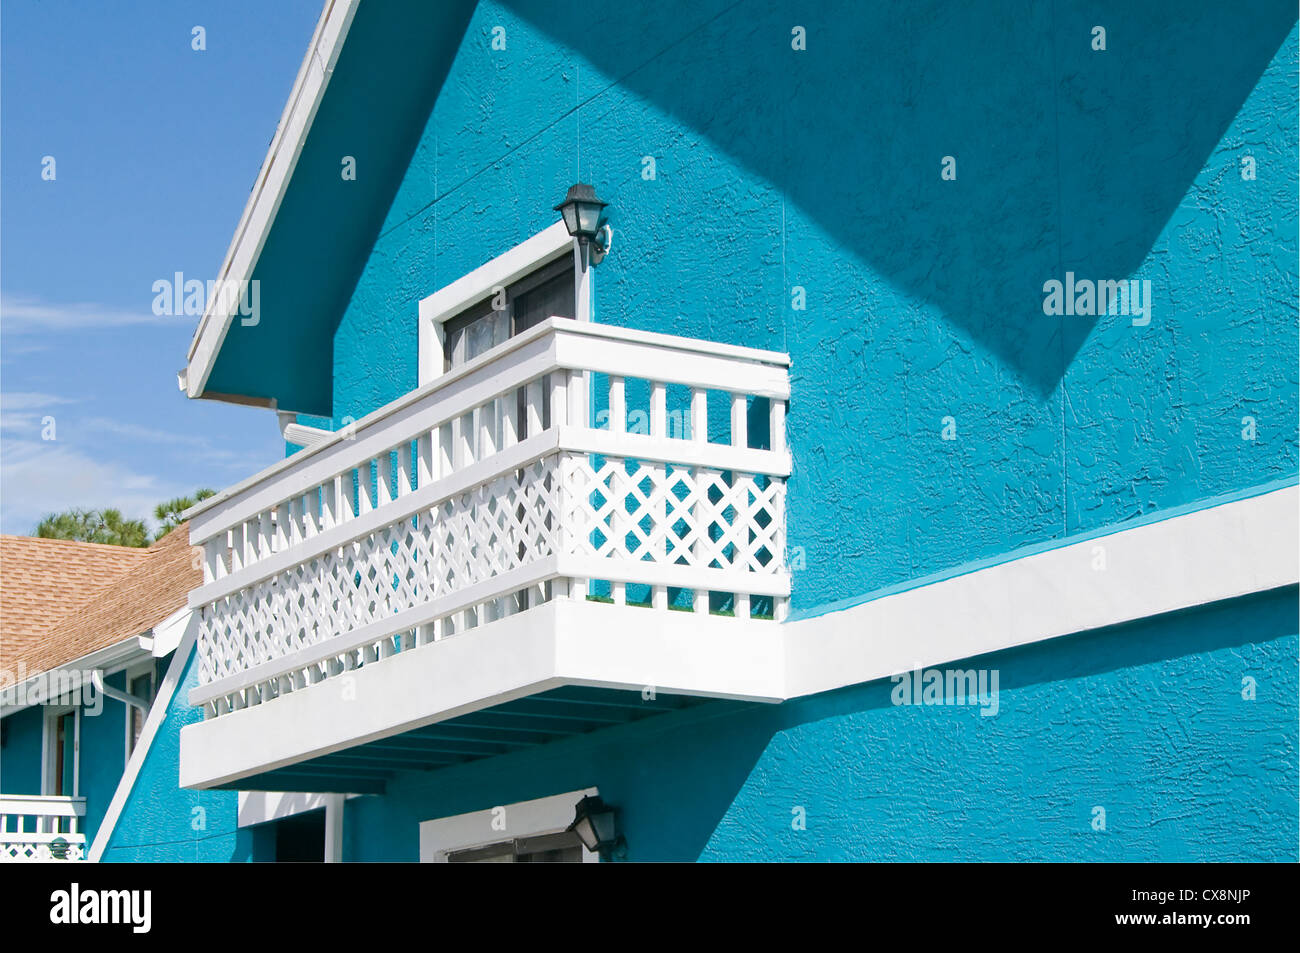 Couleur bleu vif en copropriété avec treillis abandonner blanc balcon en raison de la récession Photo Stock